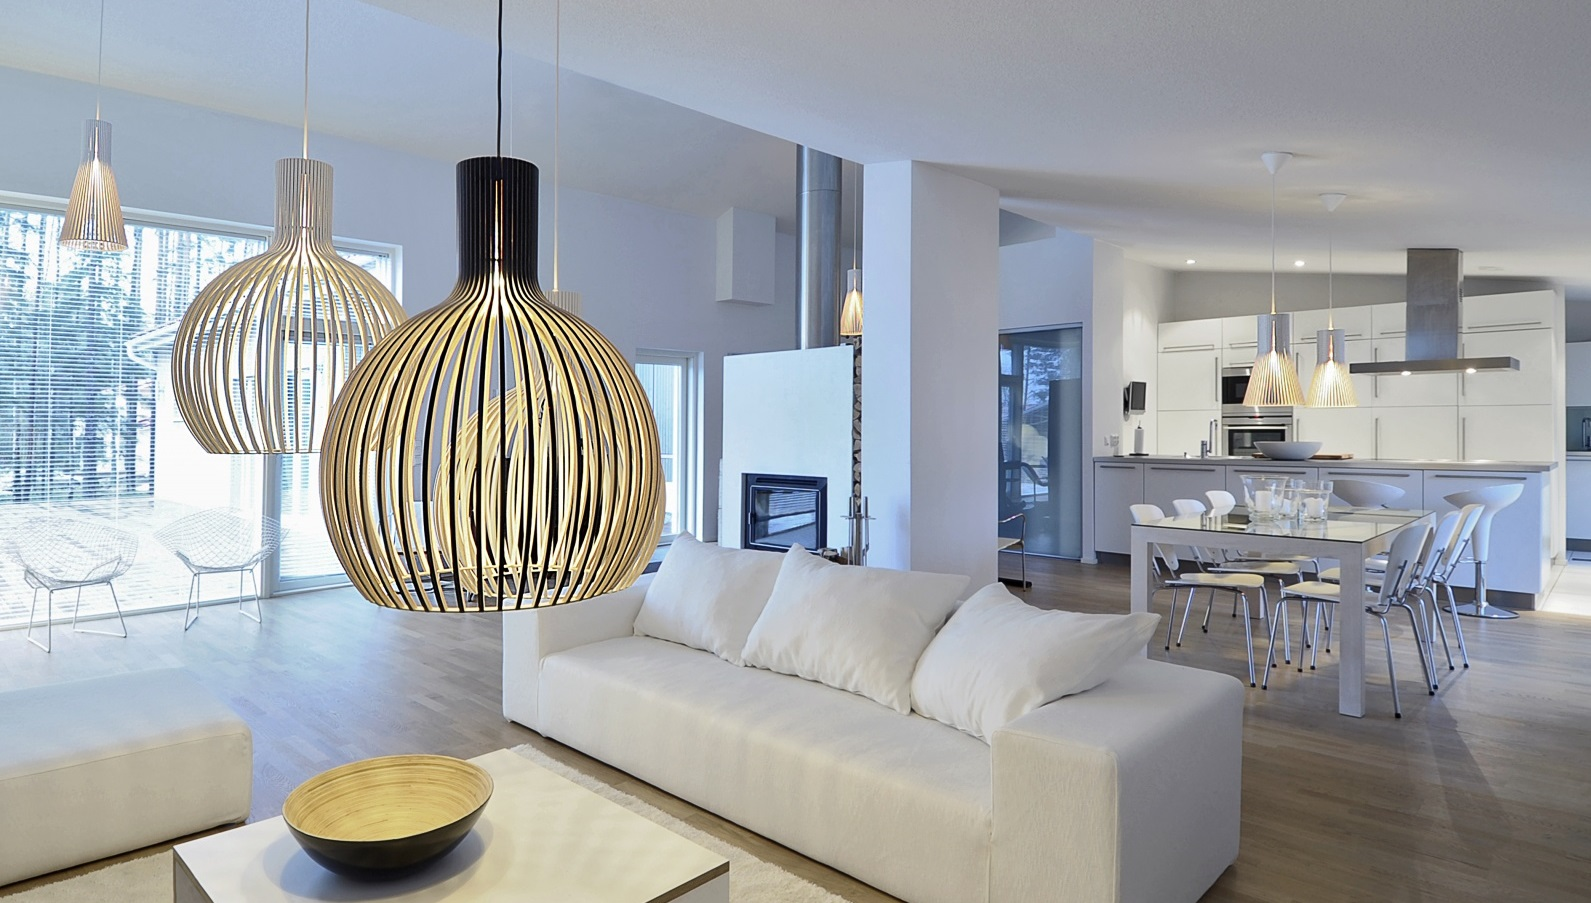 leuchten design und m bel inneneinrichtung in potsdam freiraum einrichten. Black Bedroom Furniture Sets. Home Design Ideas